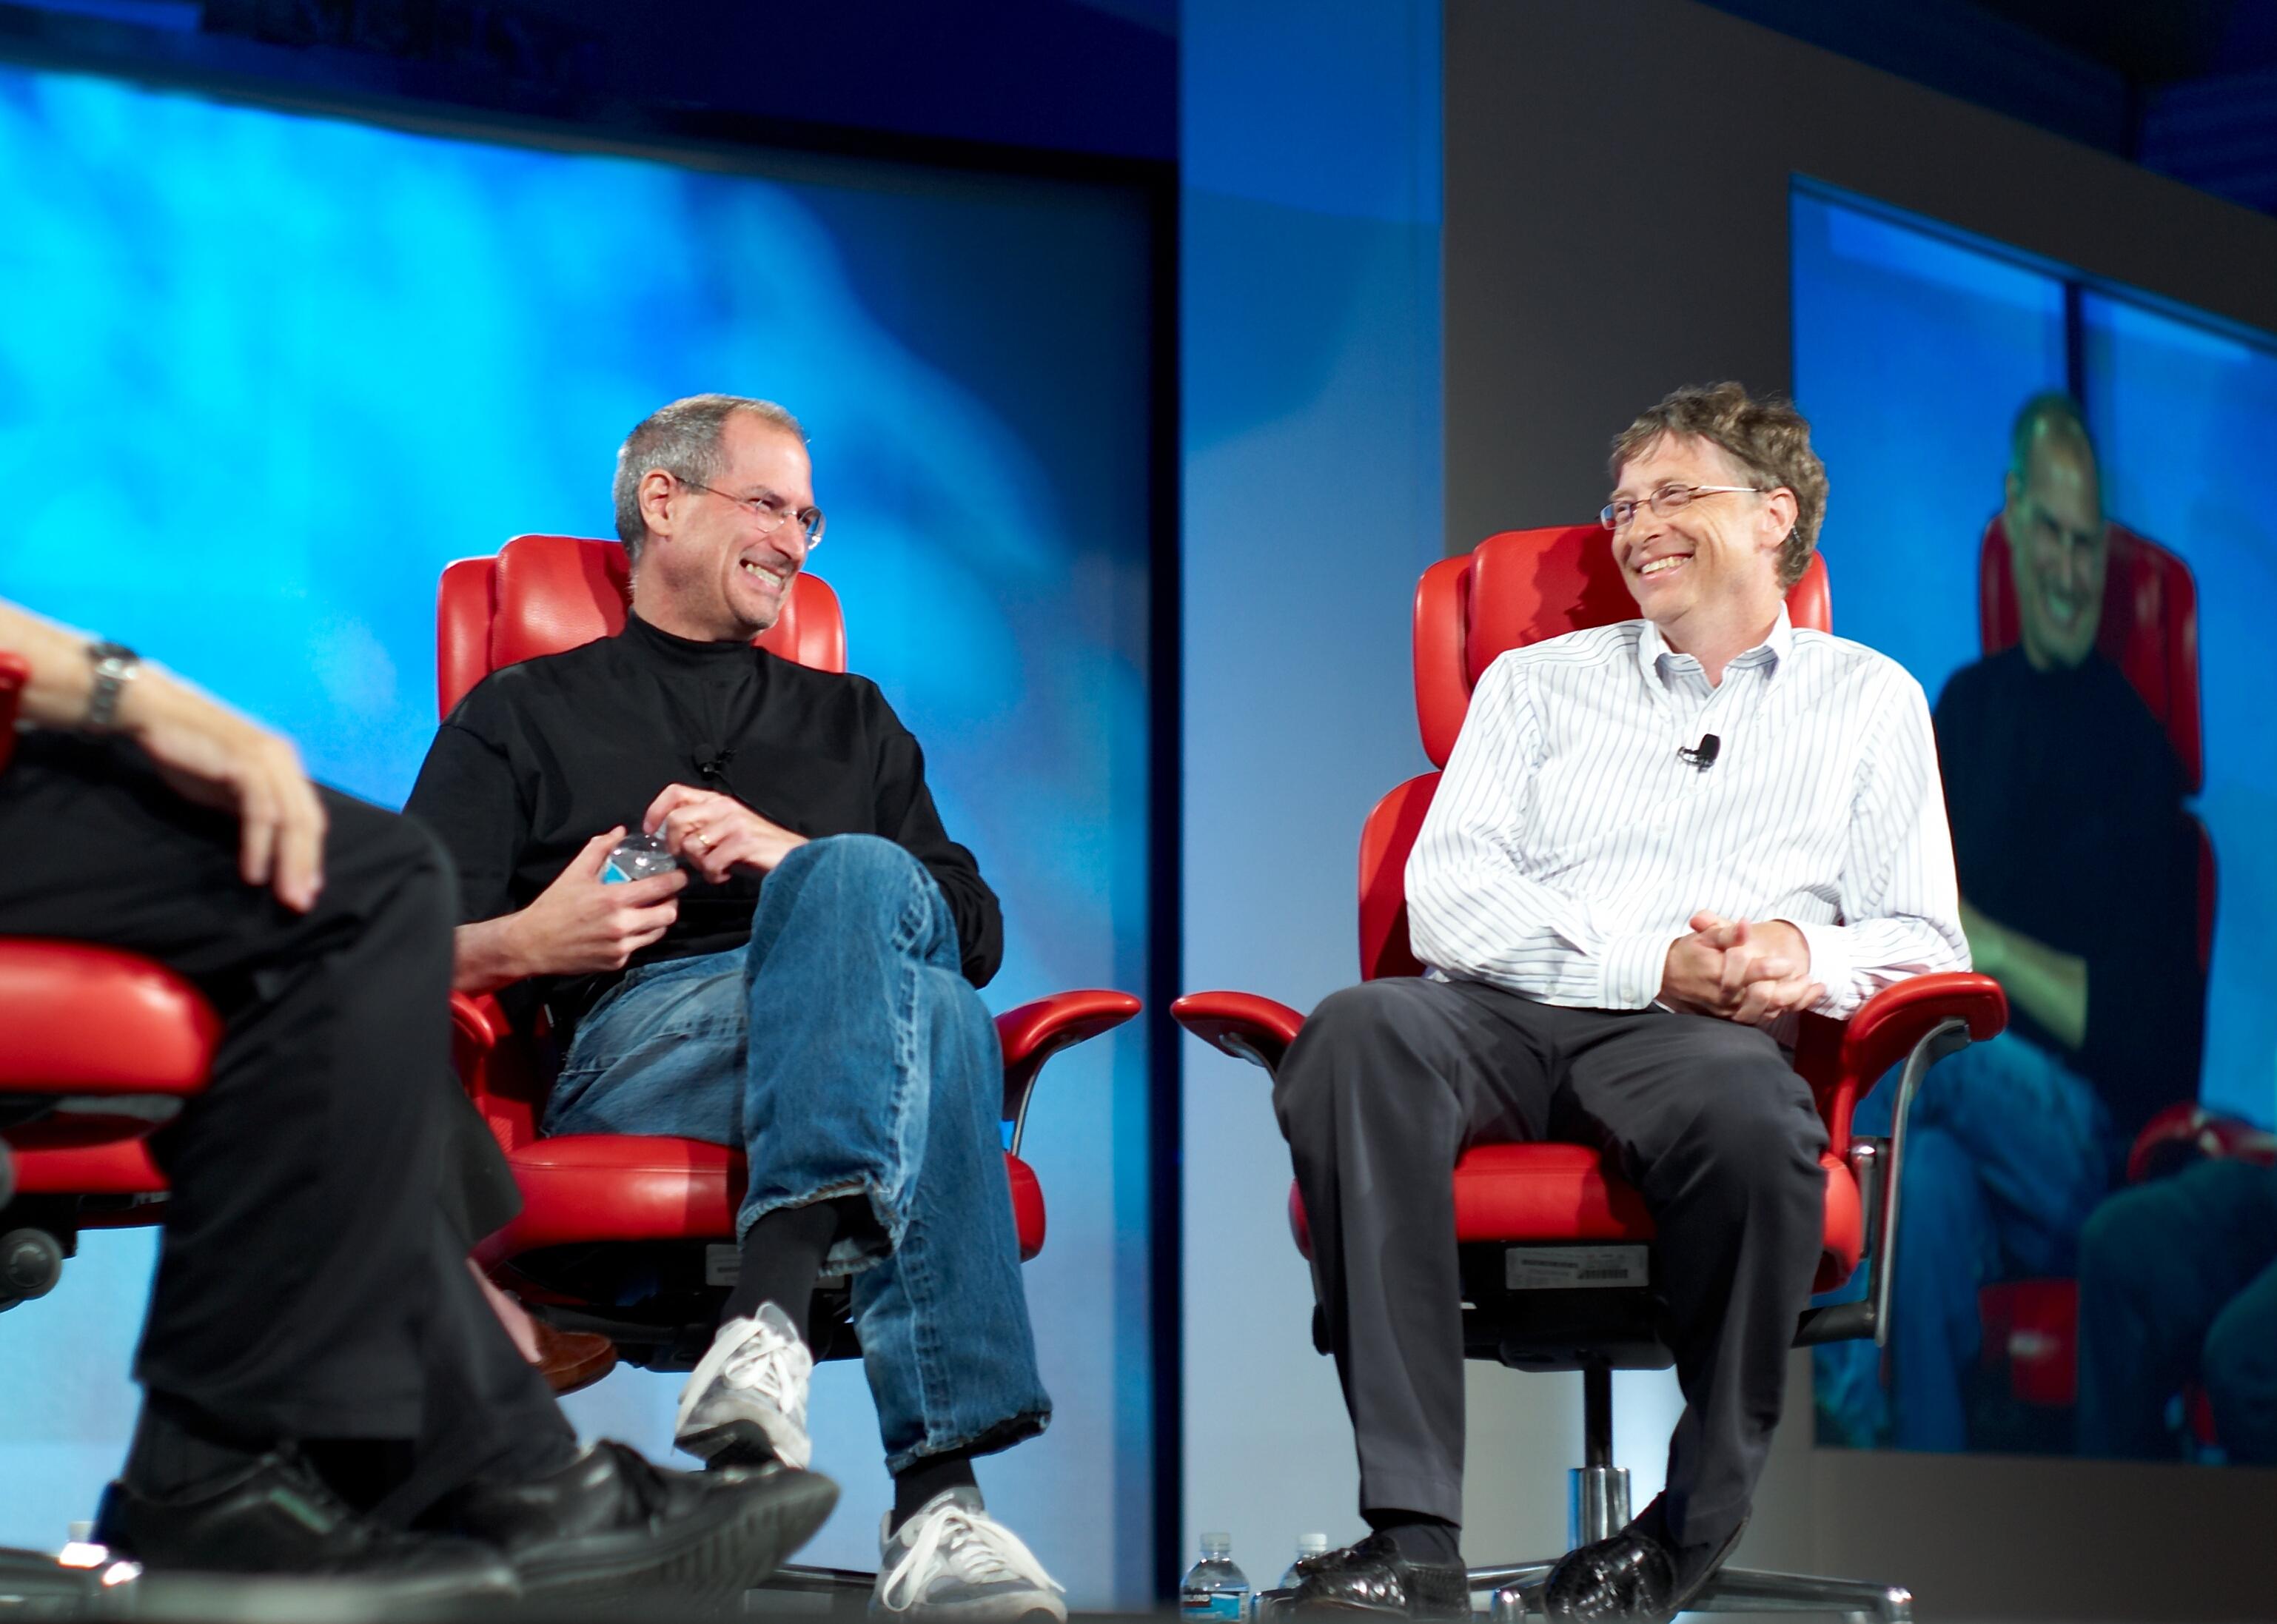 Истинная причина конфликта между Стивом Джобсом и Биллом Гейтсом